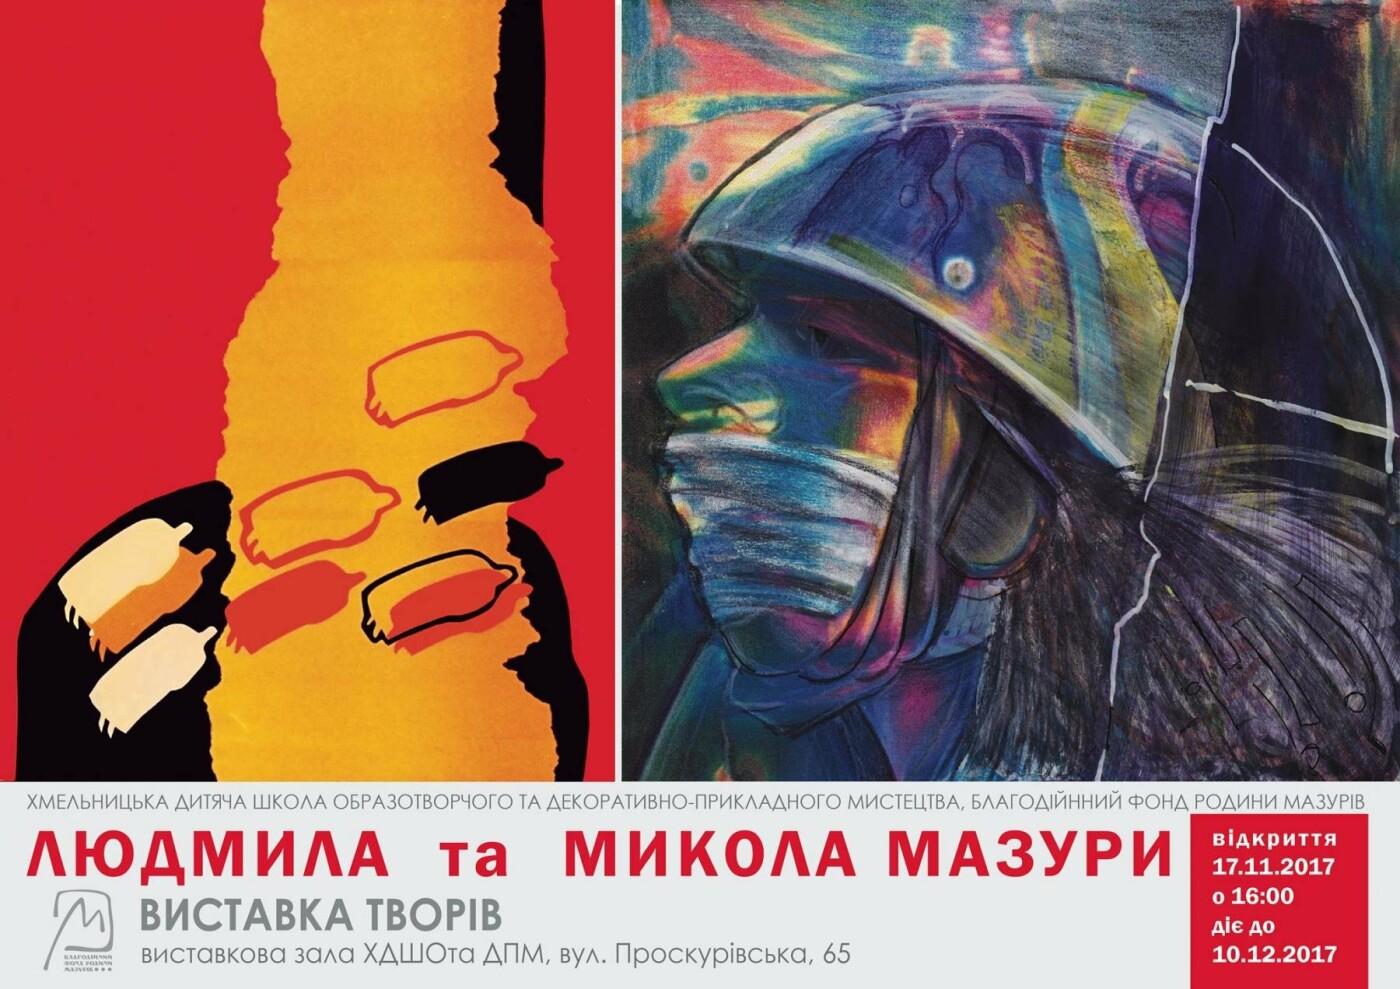 У Хмельницькому відбудеться відкриття виставки творів Людмили та Миколи Мазурів, фото-1